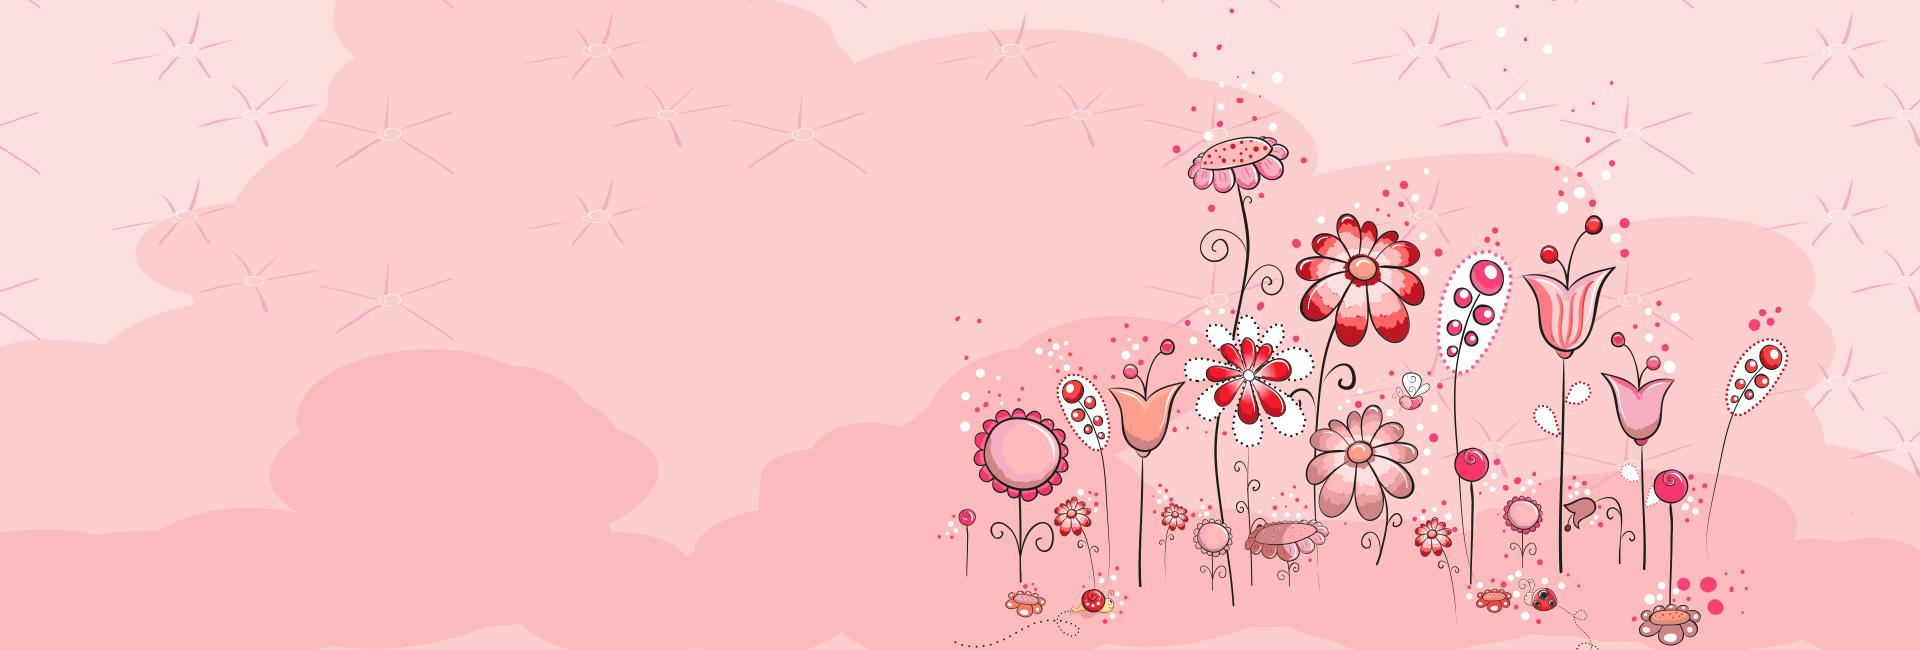 Flores Horizontales Dibujos Animados Patrón De Fondo: Floral Diseño Patrón Flor Antecedentes Tarjeta Elemento